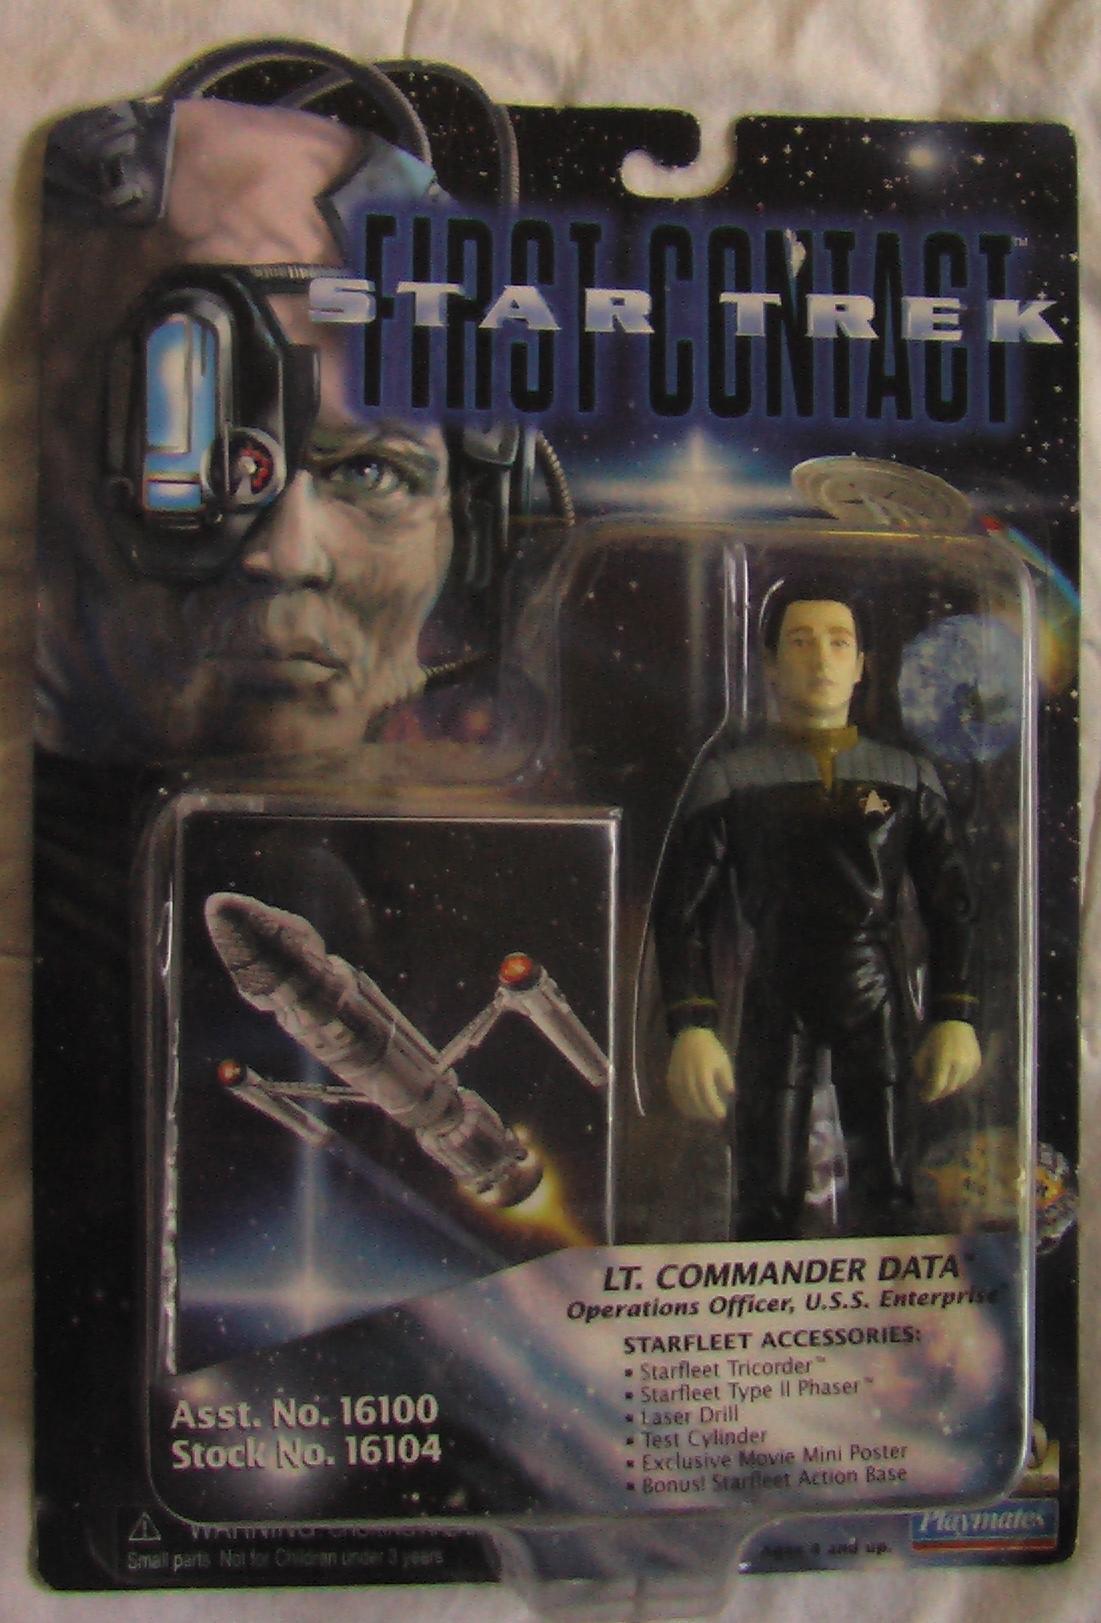 Star Trek Action Figure: Data